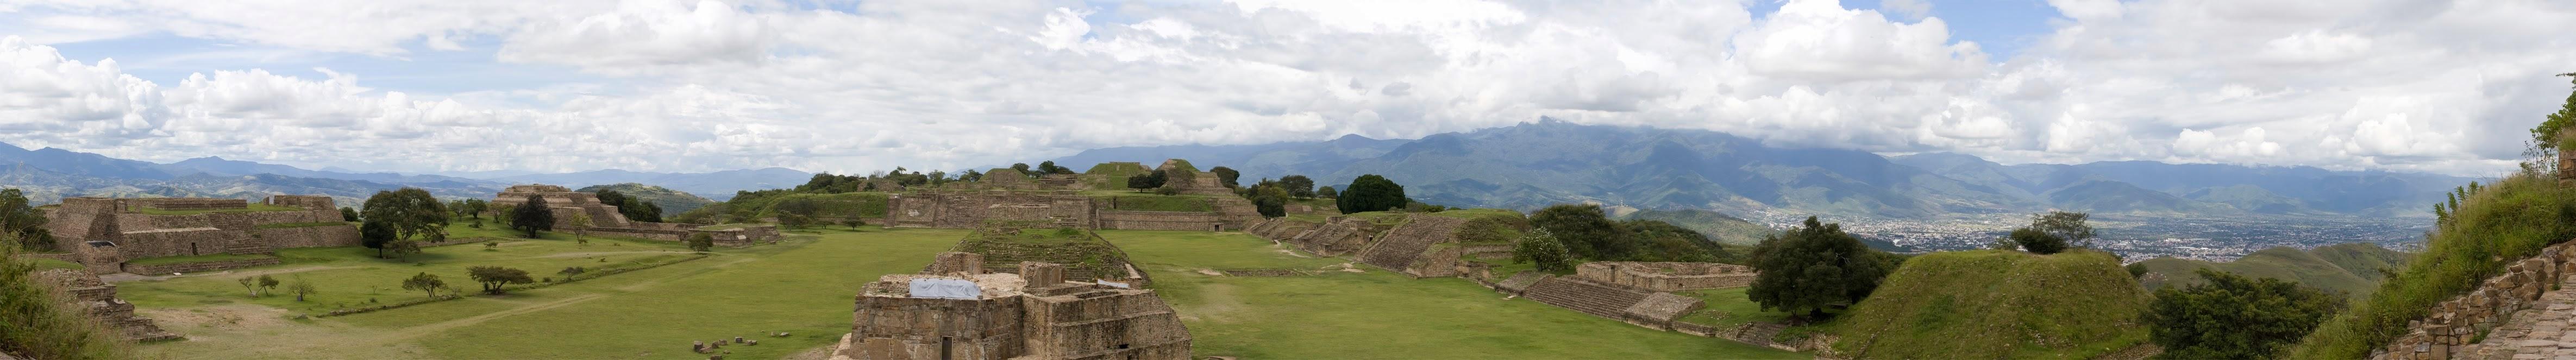 panorama monte alban ruins gran plaza